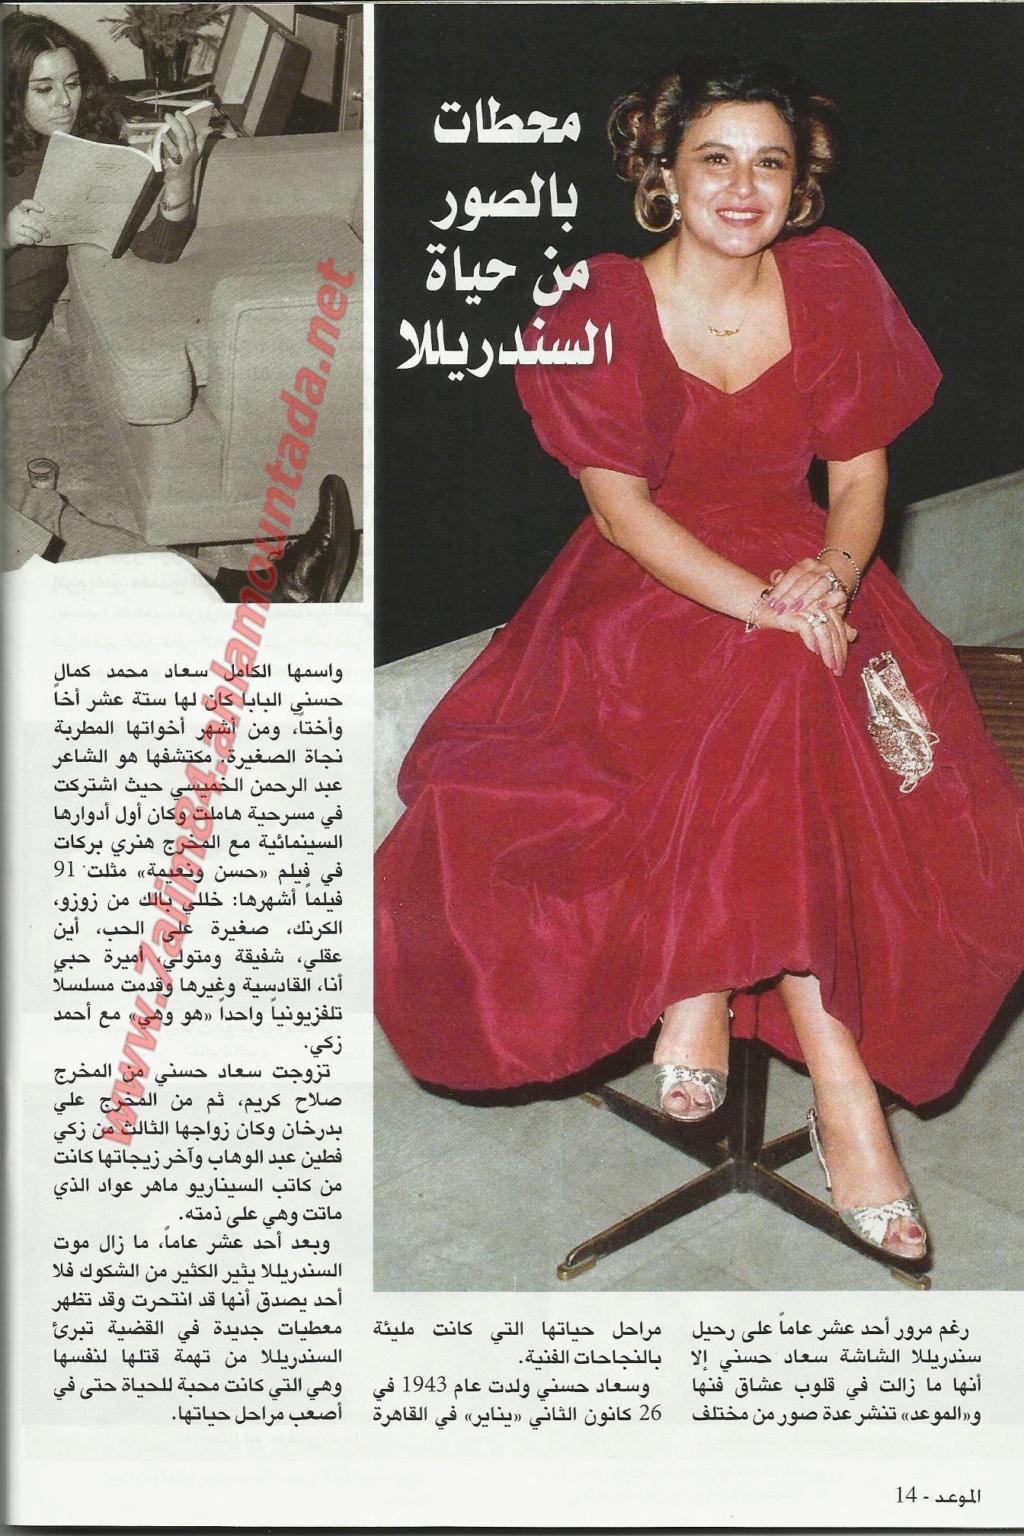 مقال صحفي : محطات بالصور من حياة السندريللا 2012 م 1226